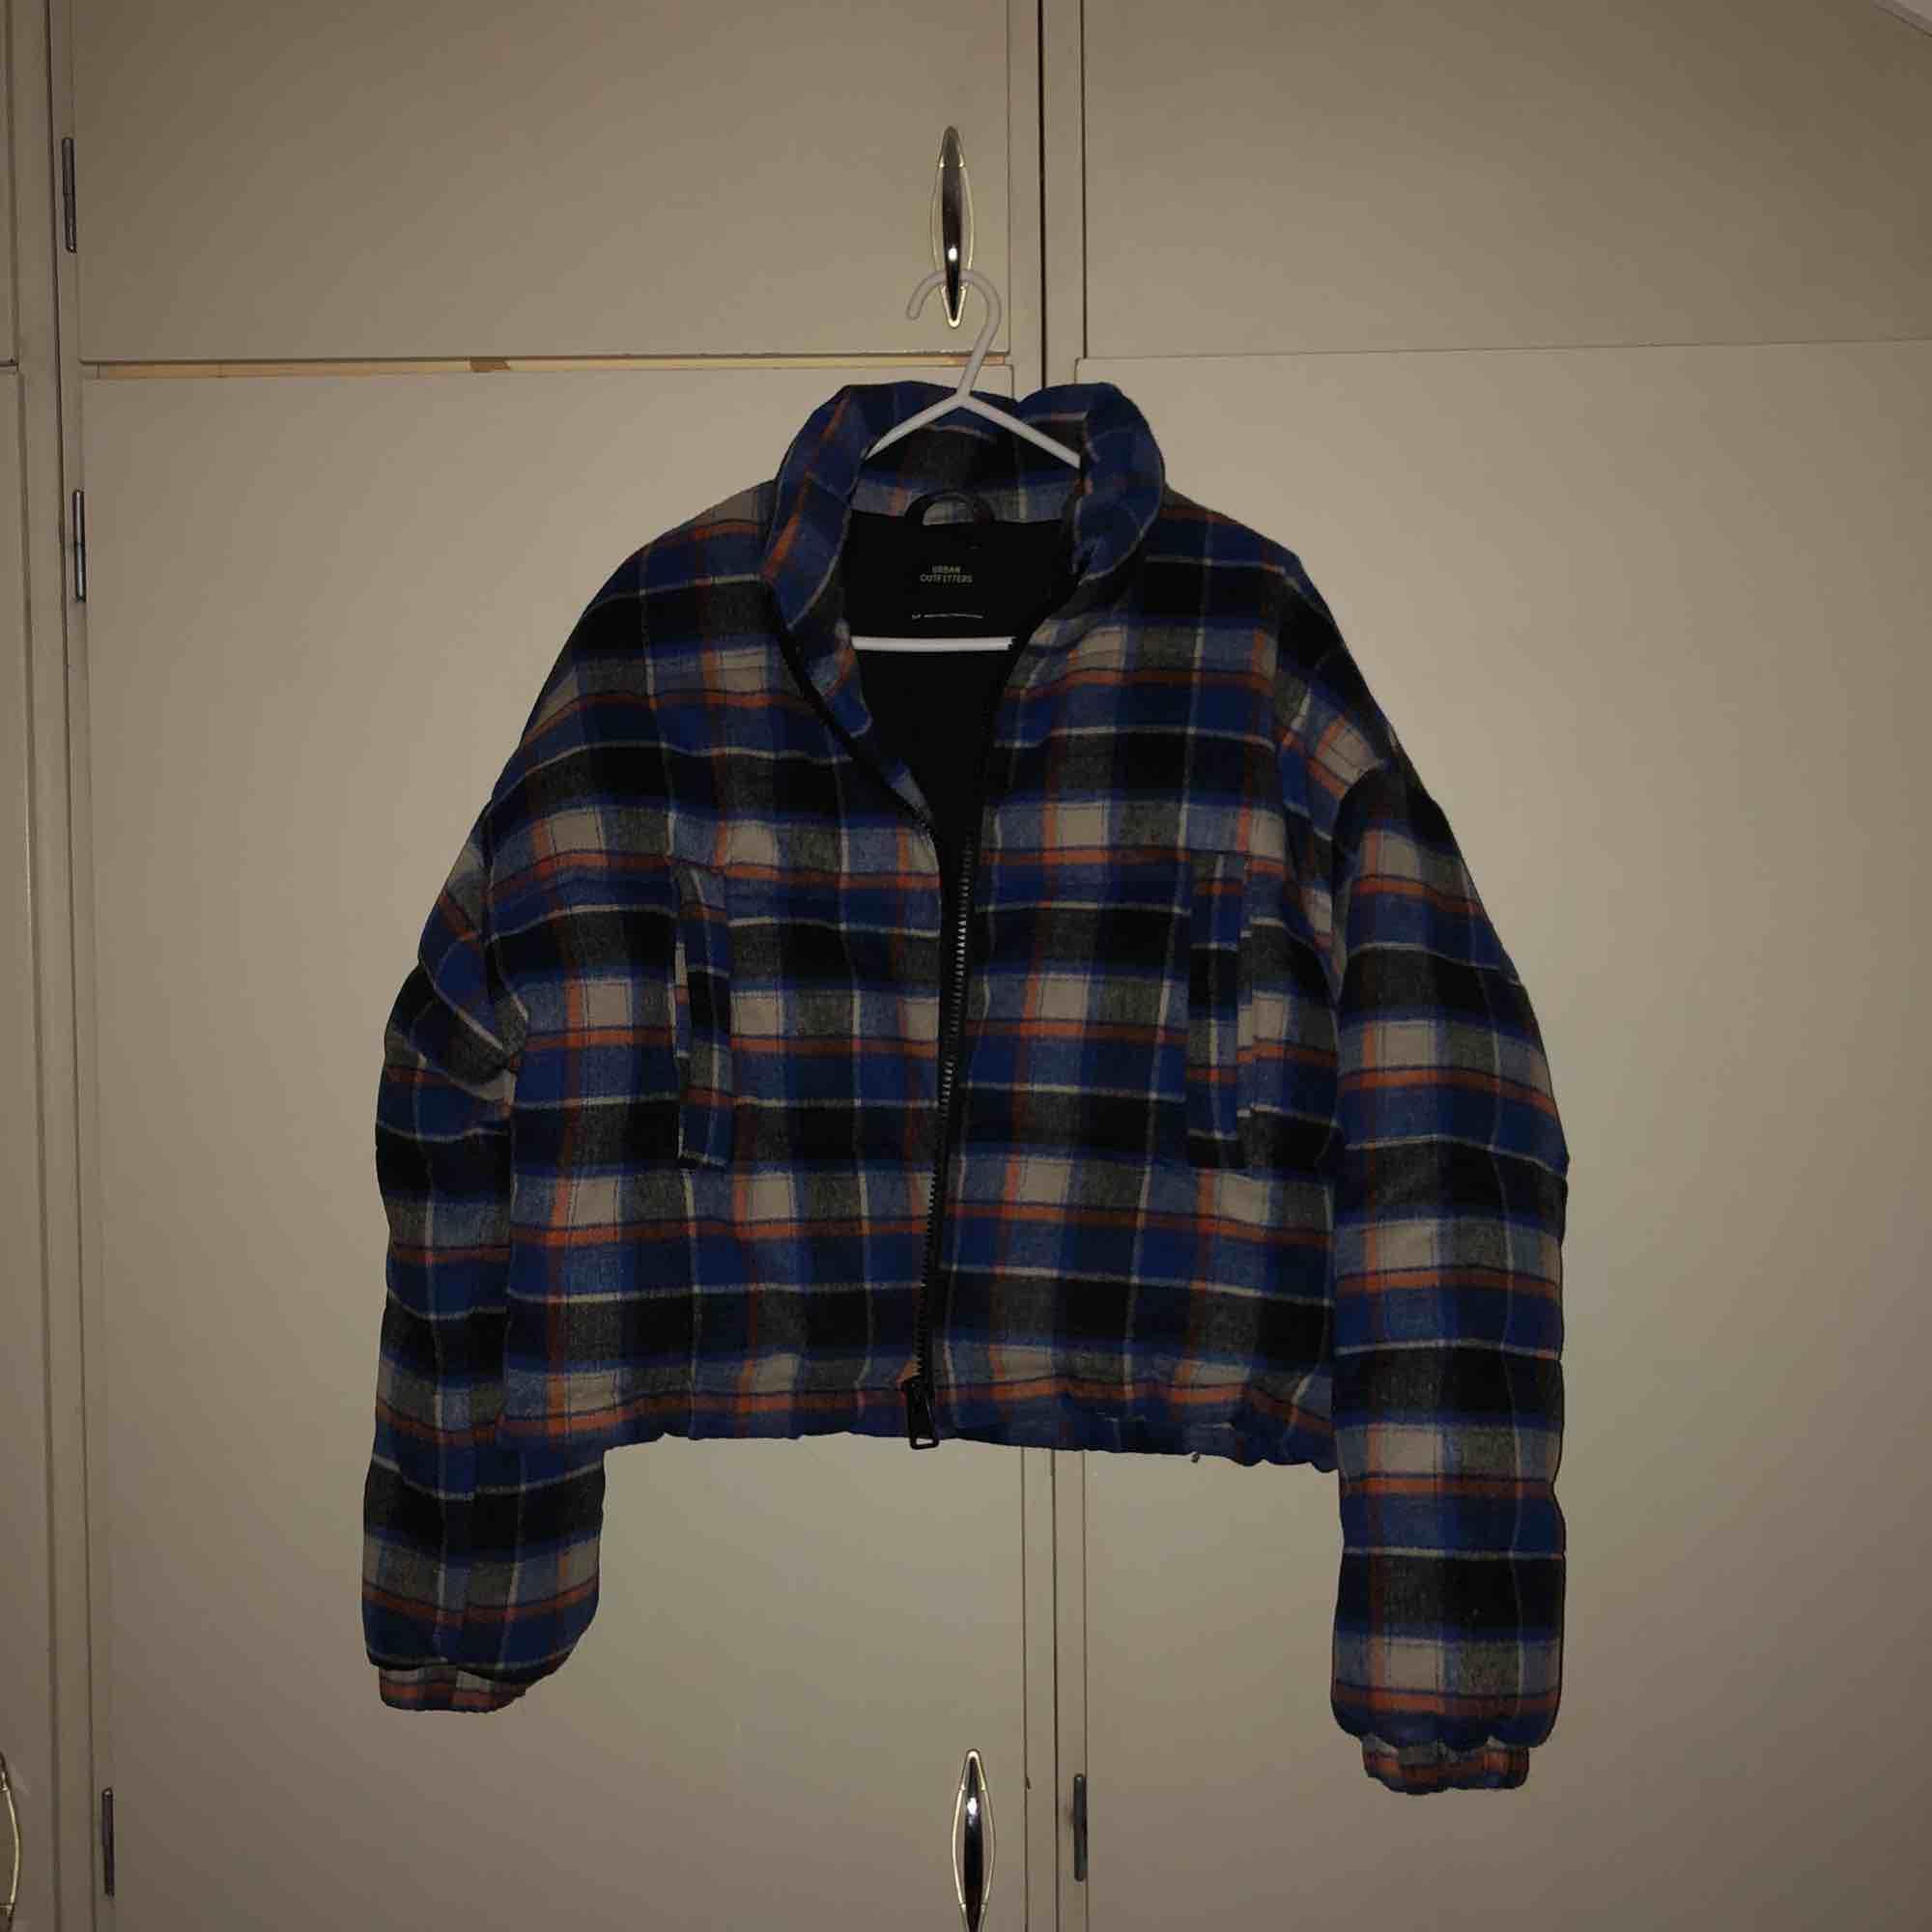 skitnice i princip oanvänd jacka från urban outfitters!! perfekt nu när de fortfarande e lite kyligt ute. lite kortare i modellen. kan gå ner i pris vid snabb affär (den kostar ca 1400 i nypris). Jackor.